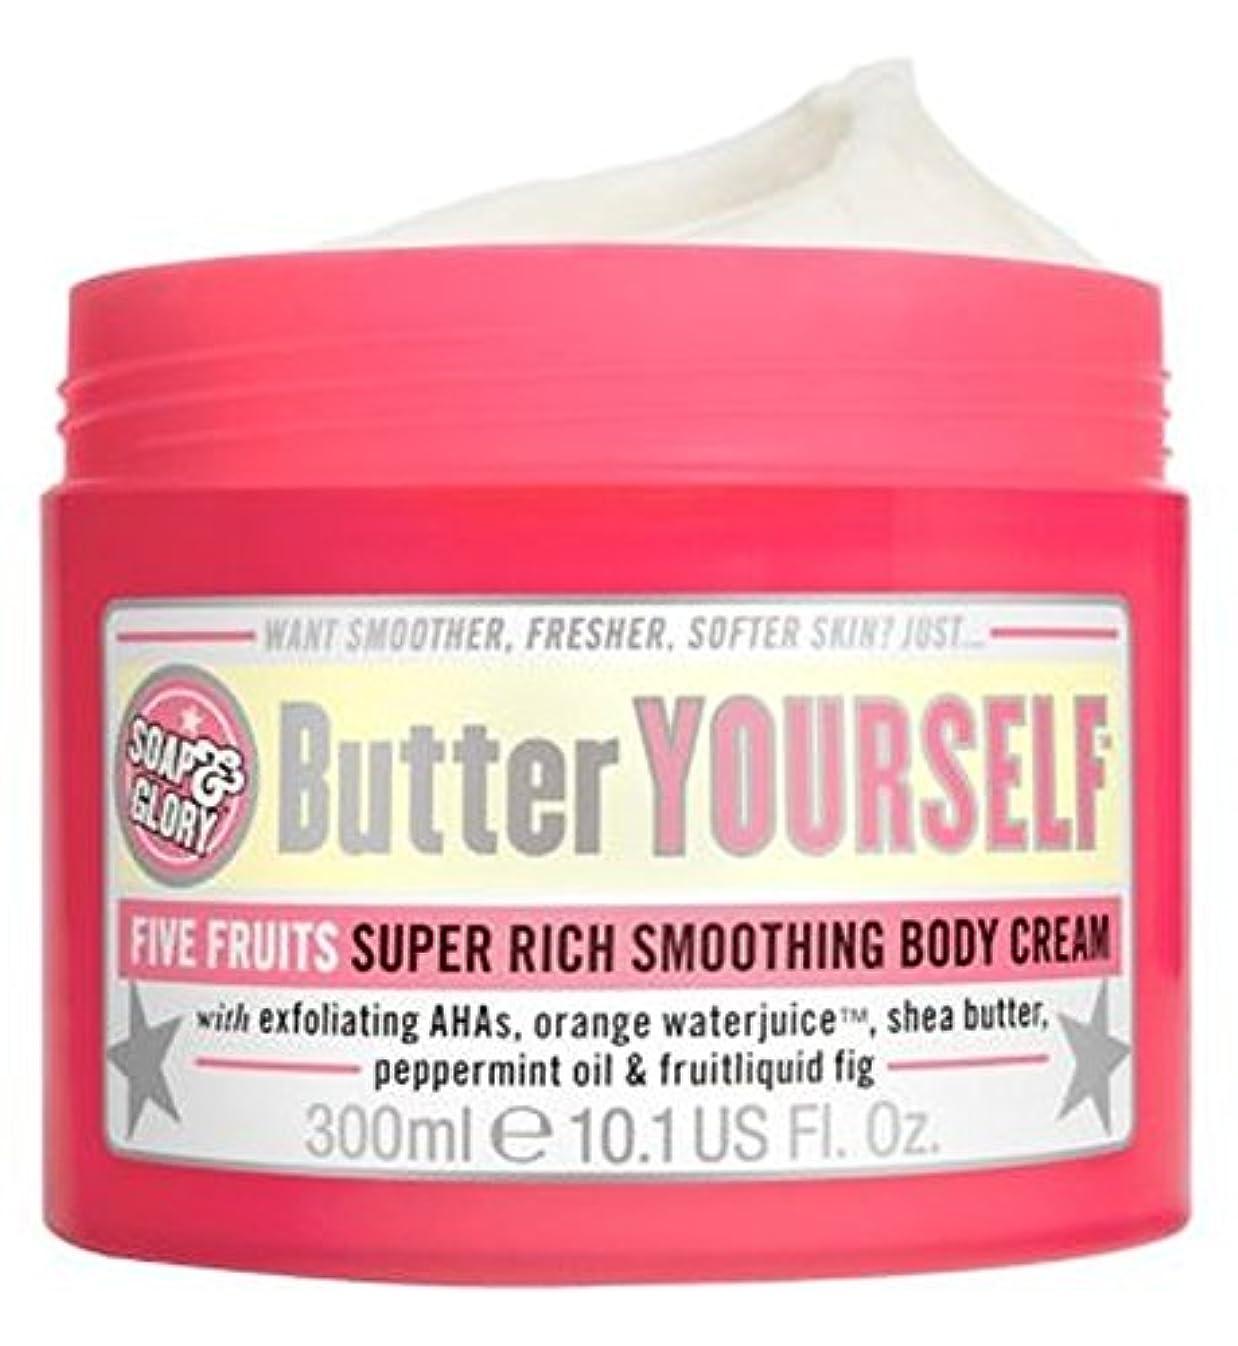 公爵タールタンクSoap & Glory? Butter Yourself? Body Cream 300ml - ボディクリーム300ミリリットル?石鹸&栄光?バター自分 (Soap & Glory) [並行輸入品]